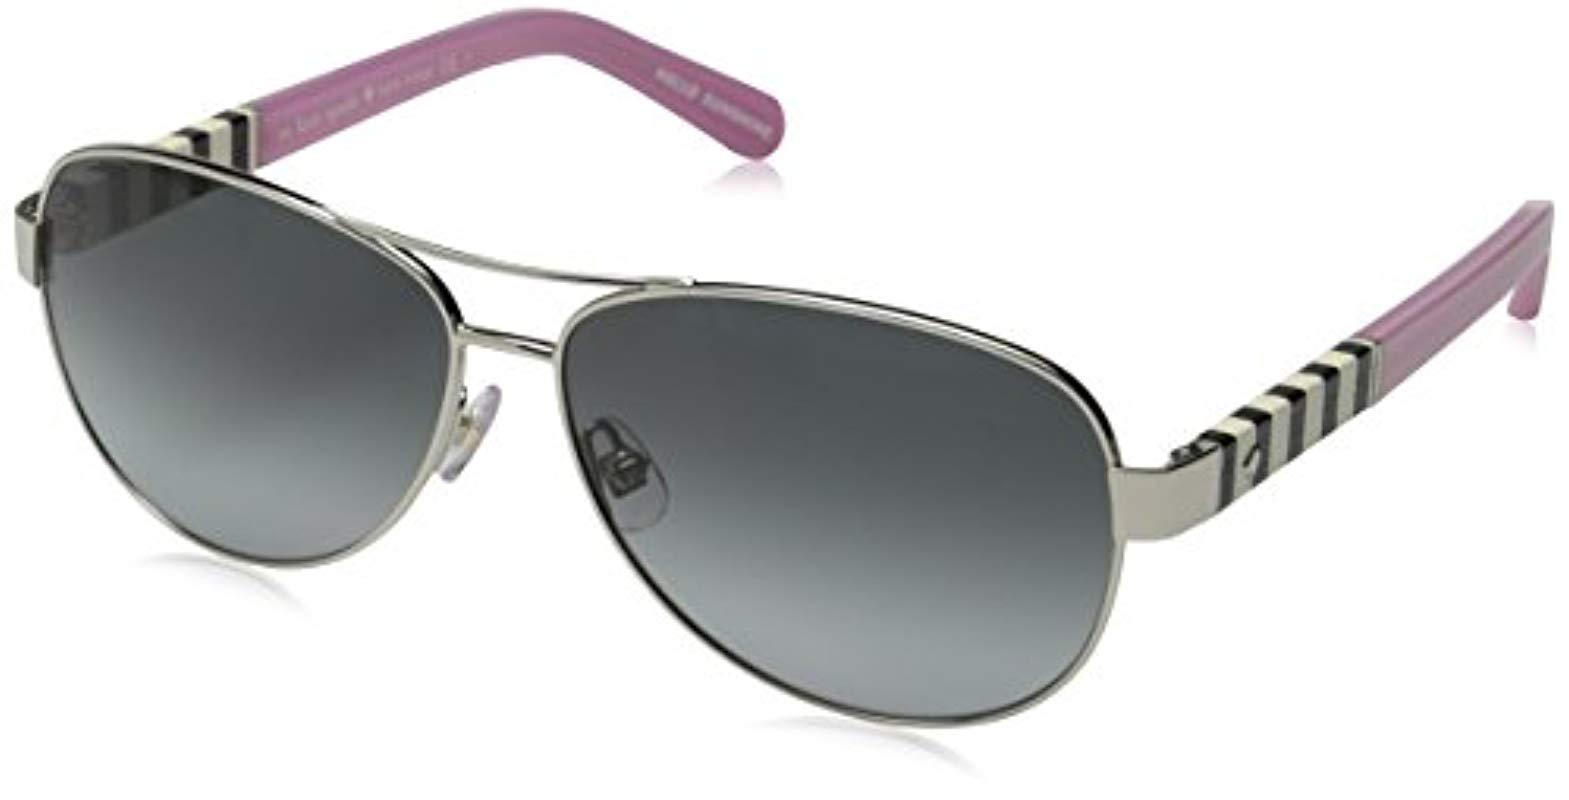 c56d1eb767f Lyst - Kate Spade Kate Spade Dalia Aviator Sunglasses - Save 3%